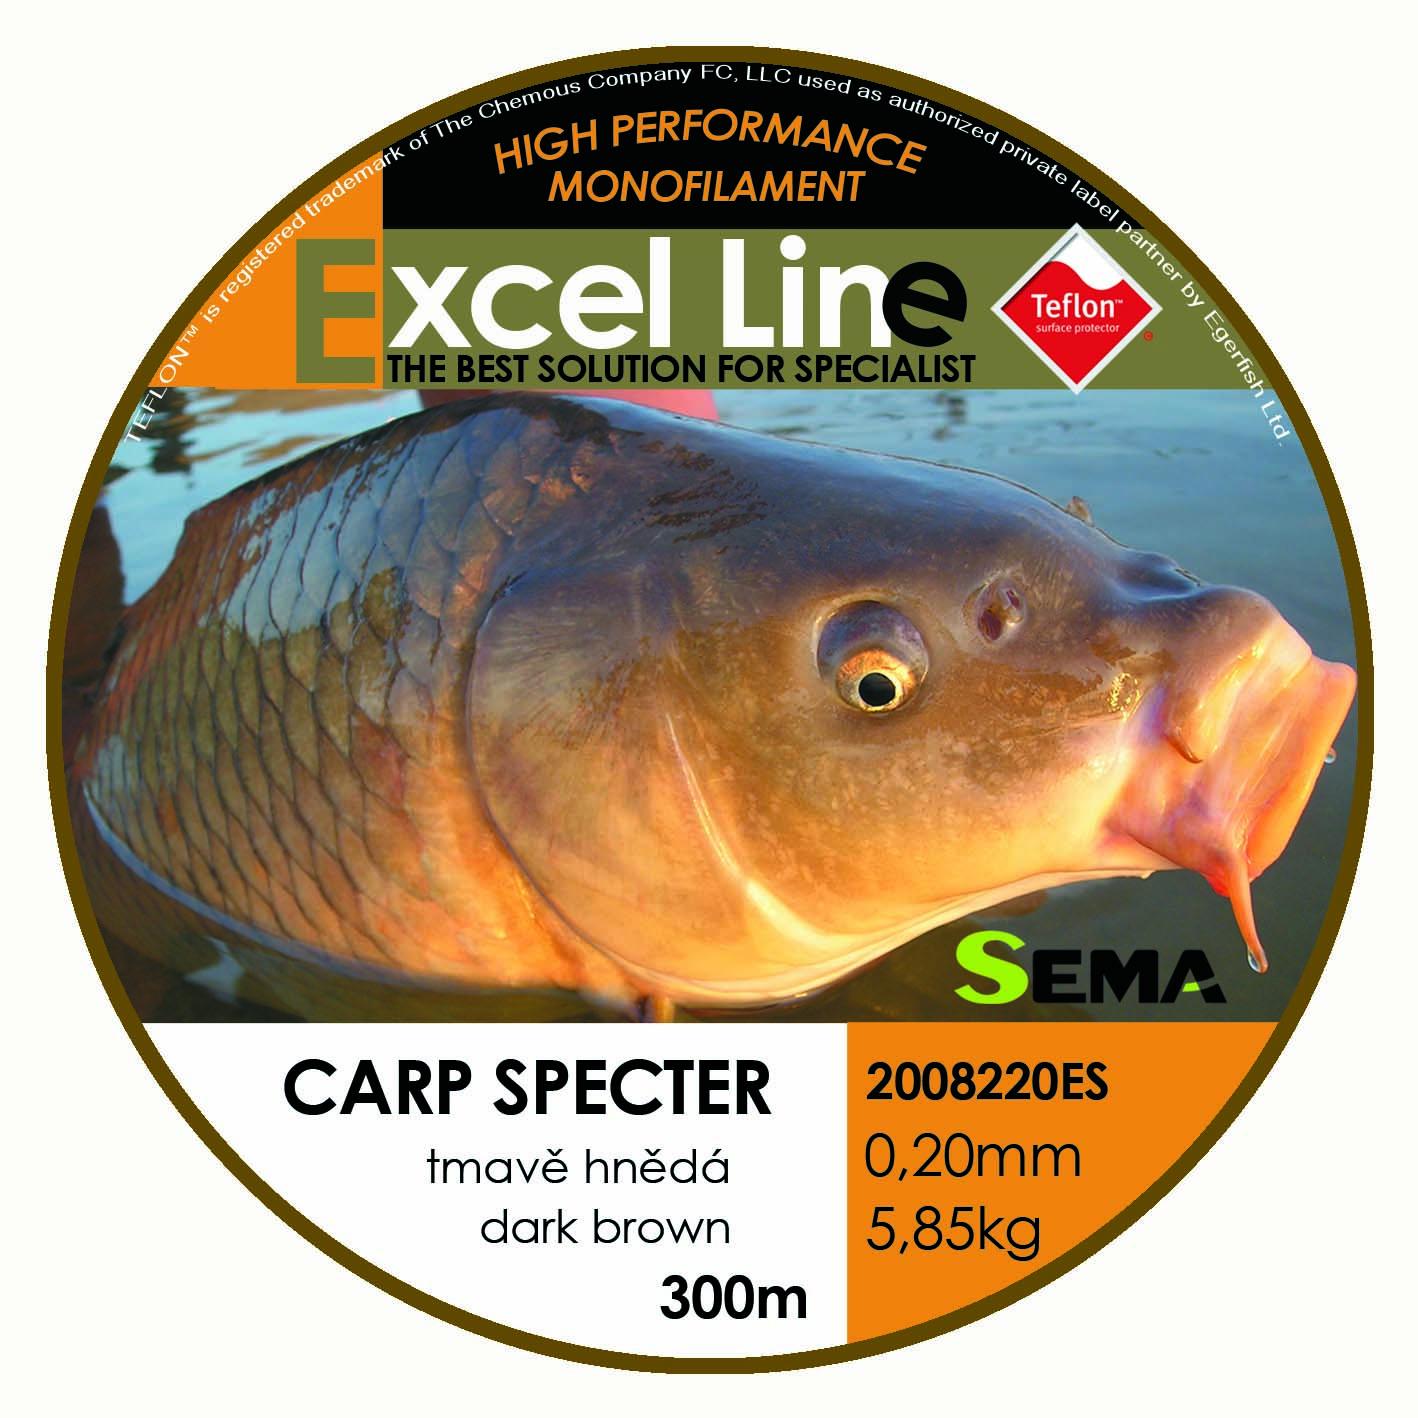 Carp Specter Teflon 0,20